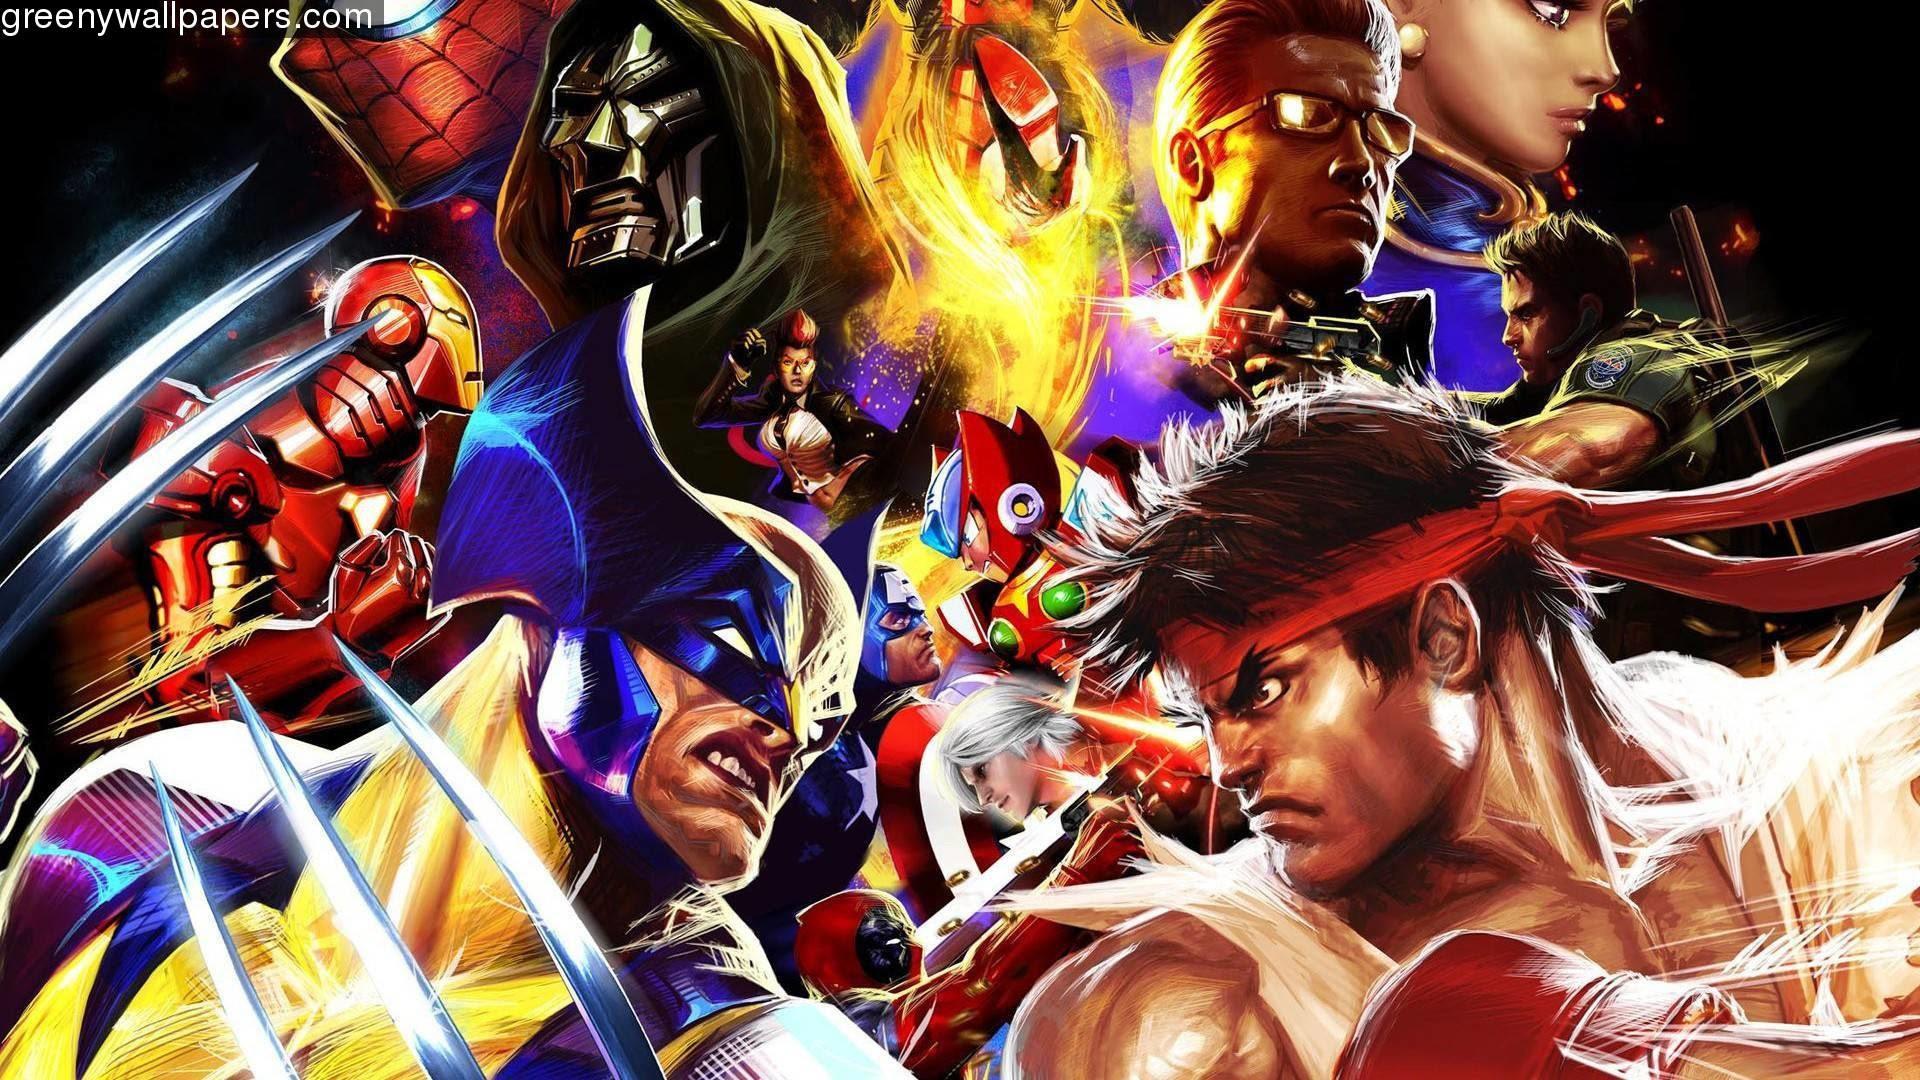 Capcom Wallpaper 67 Images